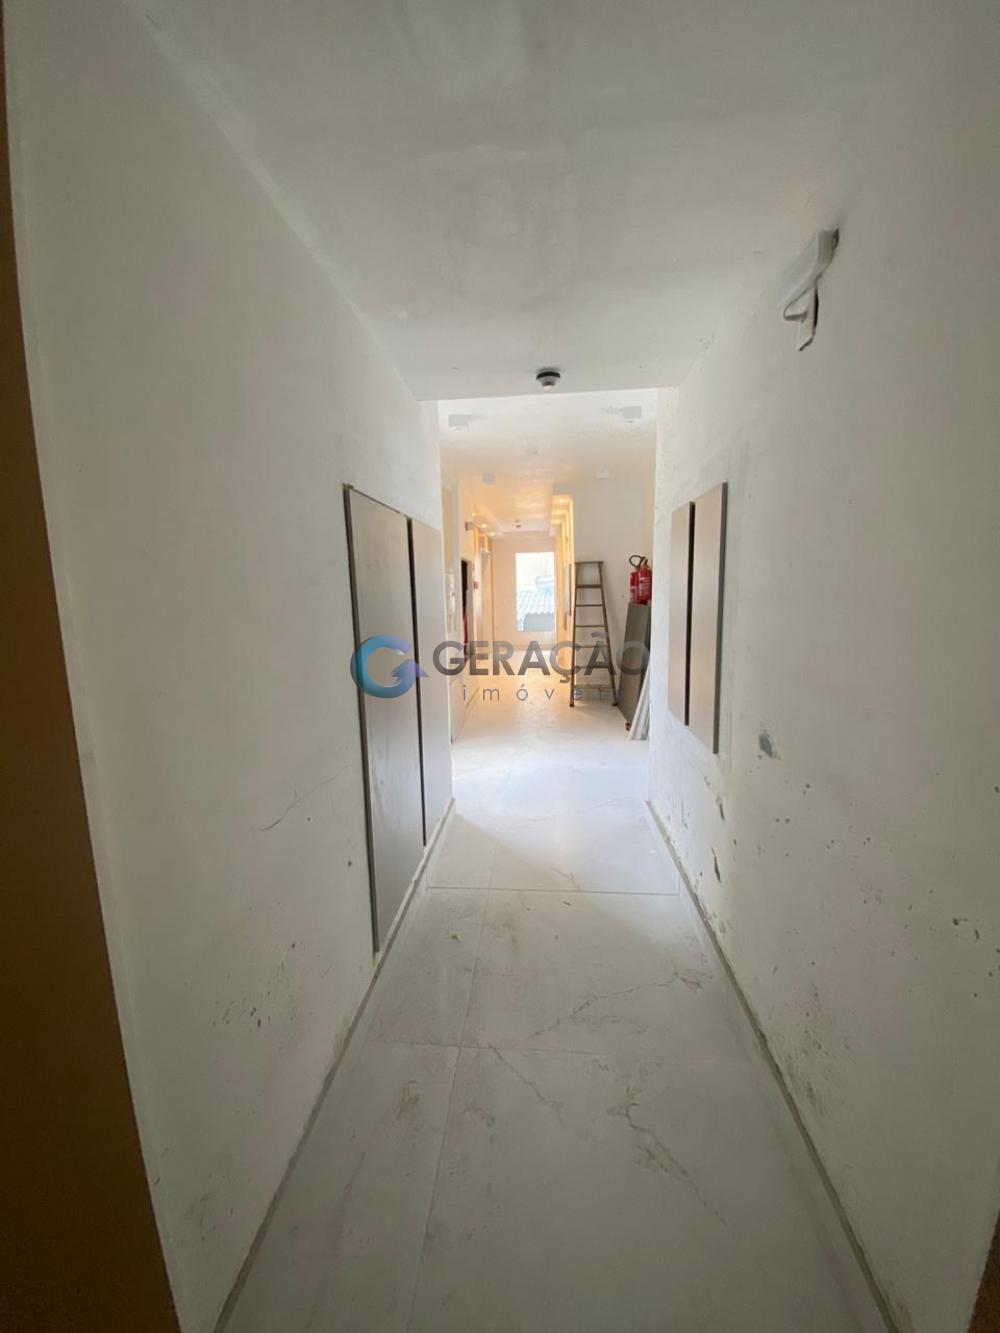 Comprar Apartamento / Padrão em São José dos Campos apenas R$ 856.000,00 - Foto 9